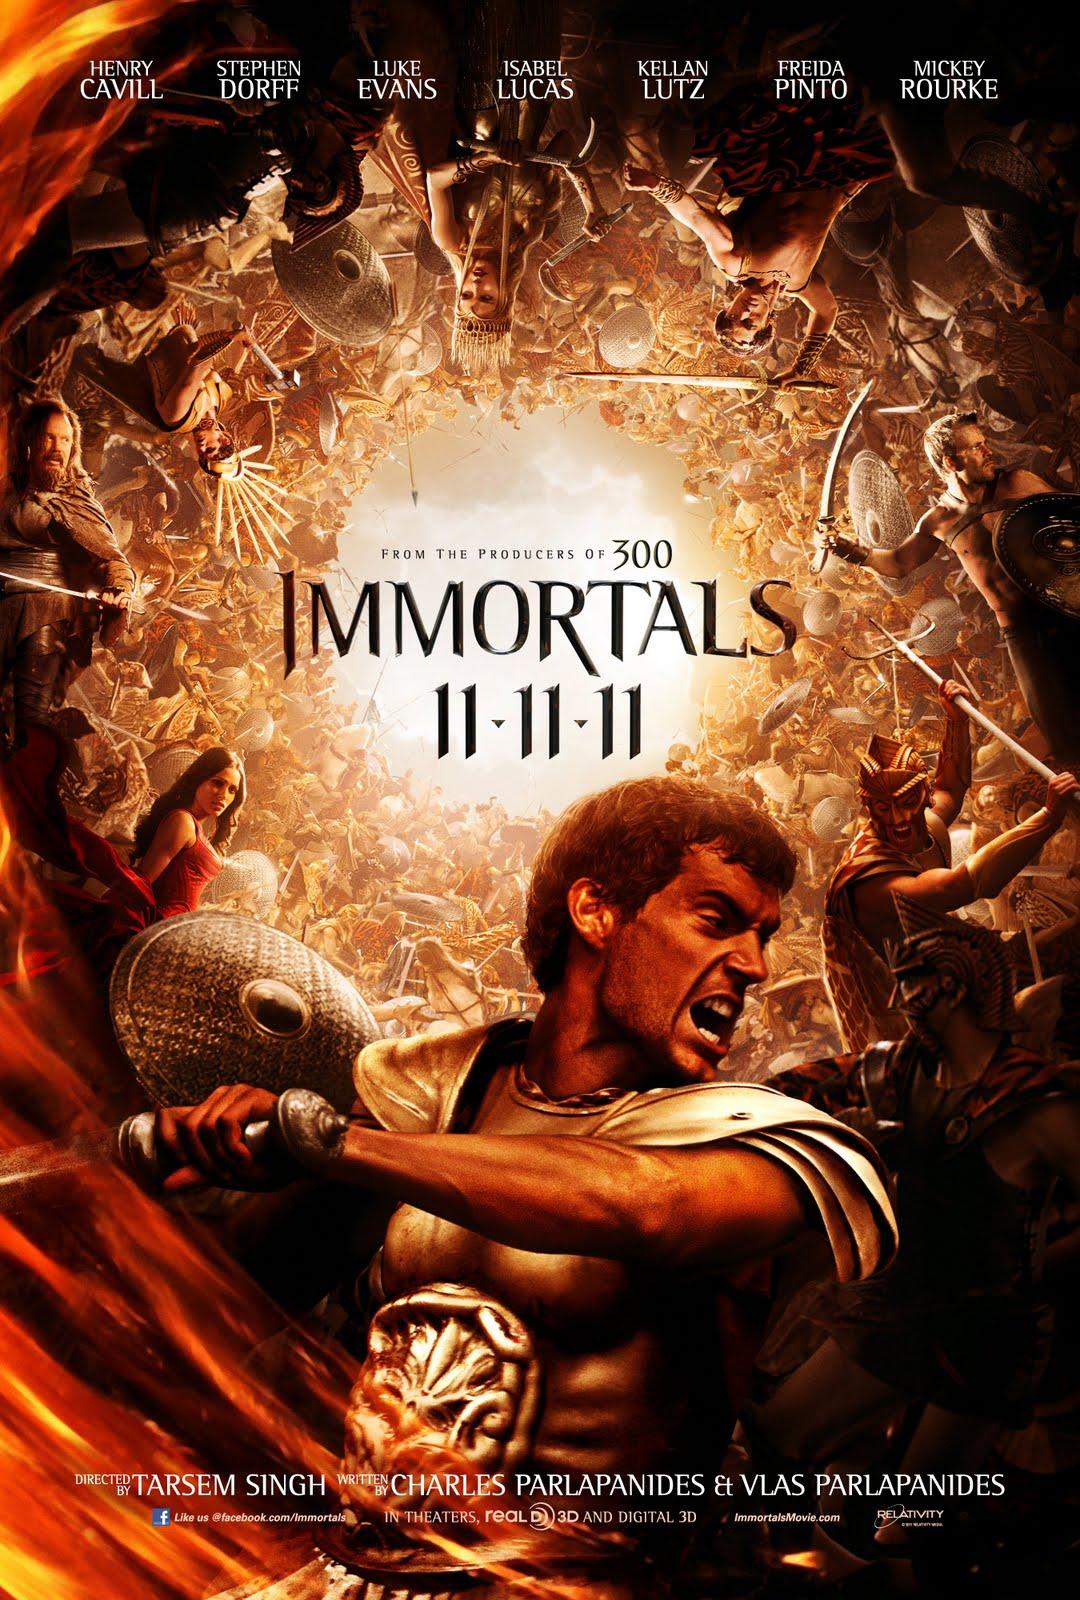 http://2.bp.blogspot.com/-2aqhpgtfvYI/TjH4Sf8U-aI/AAAAAAAAAjc/xhLe_MjG3Mk/s1600/IMM_ComicCon-Mini-1-Sht_final.jpg